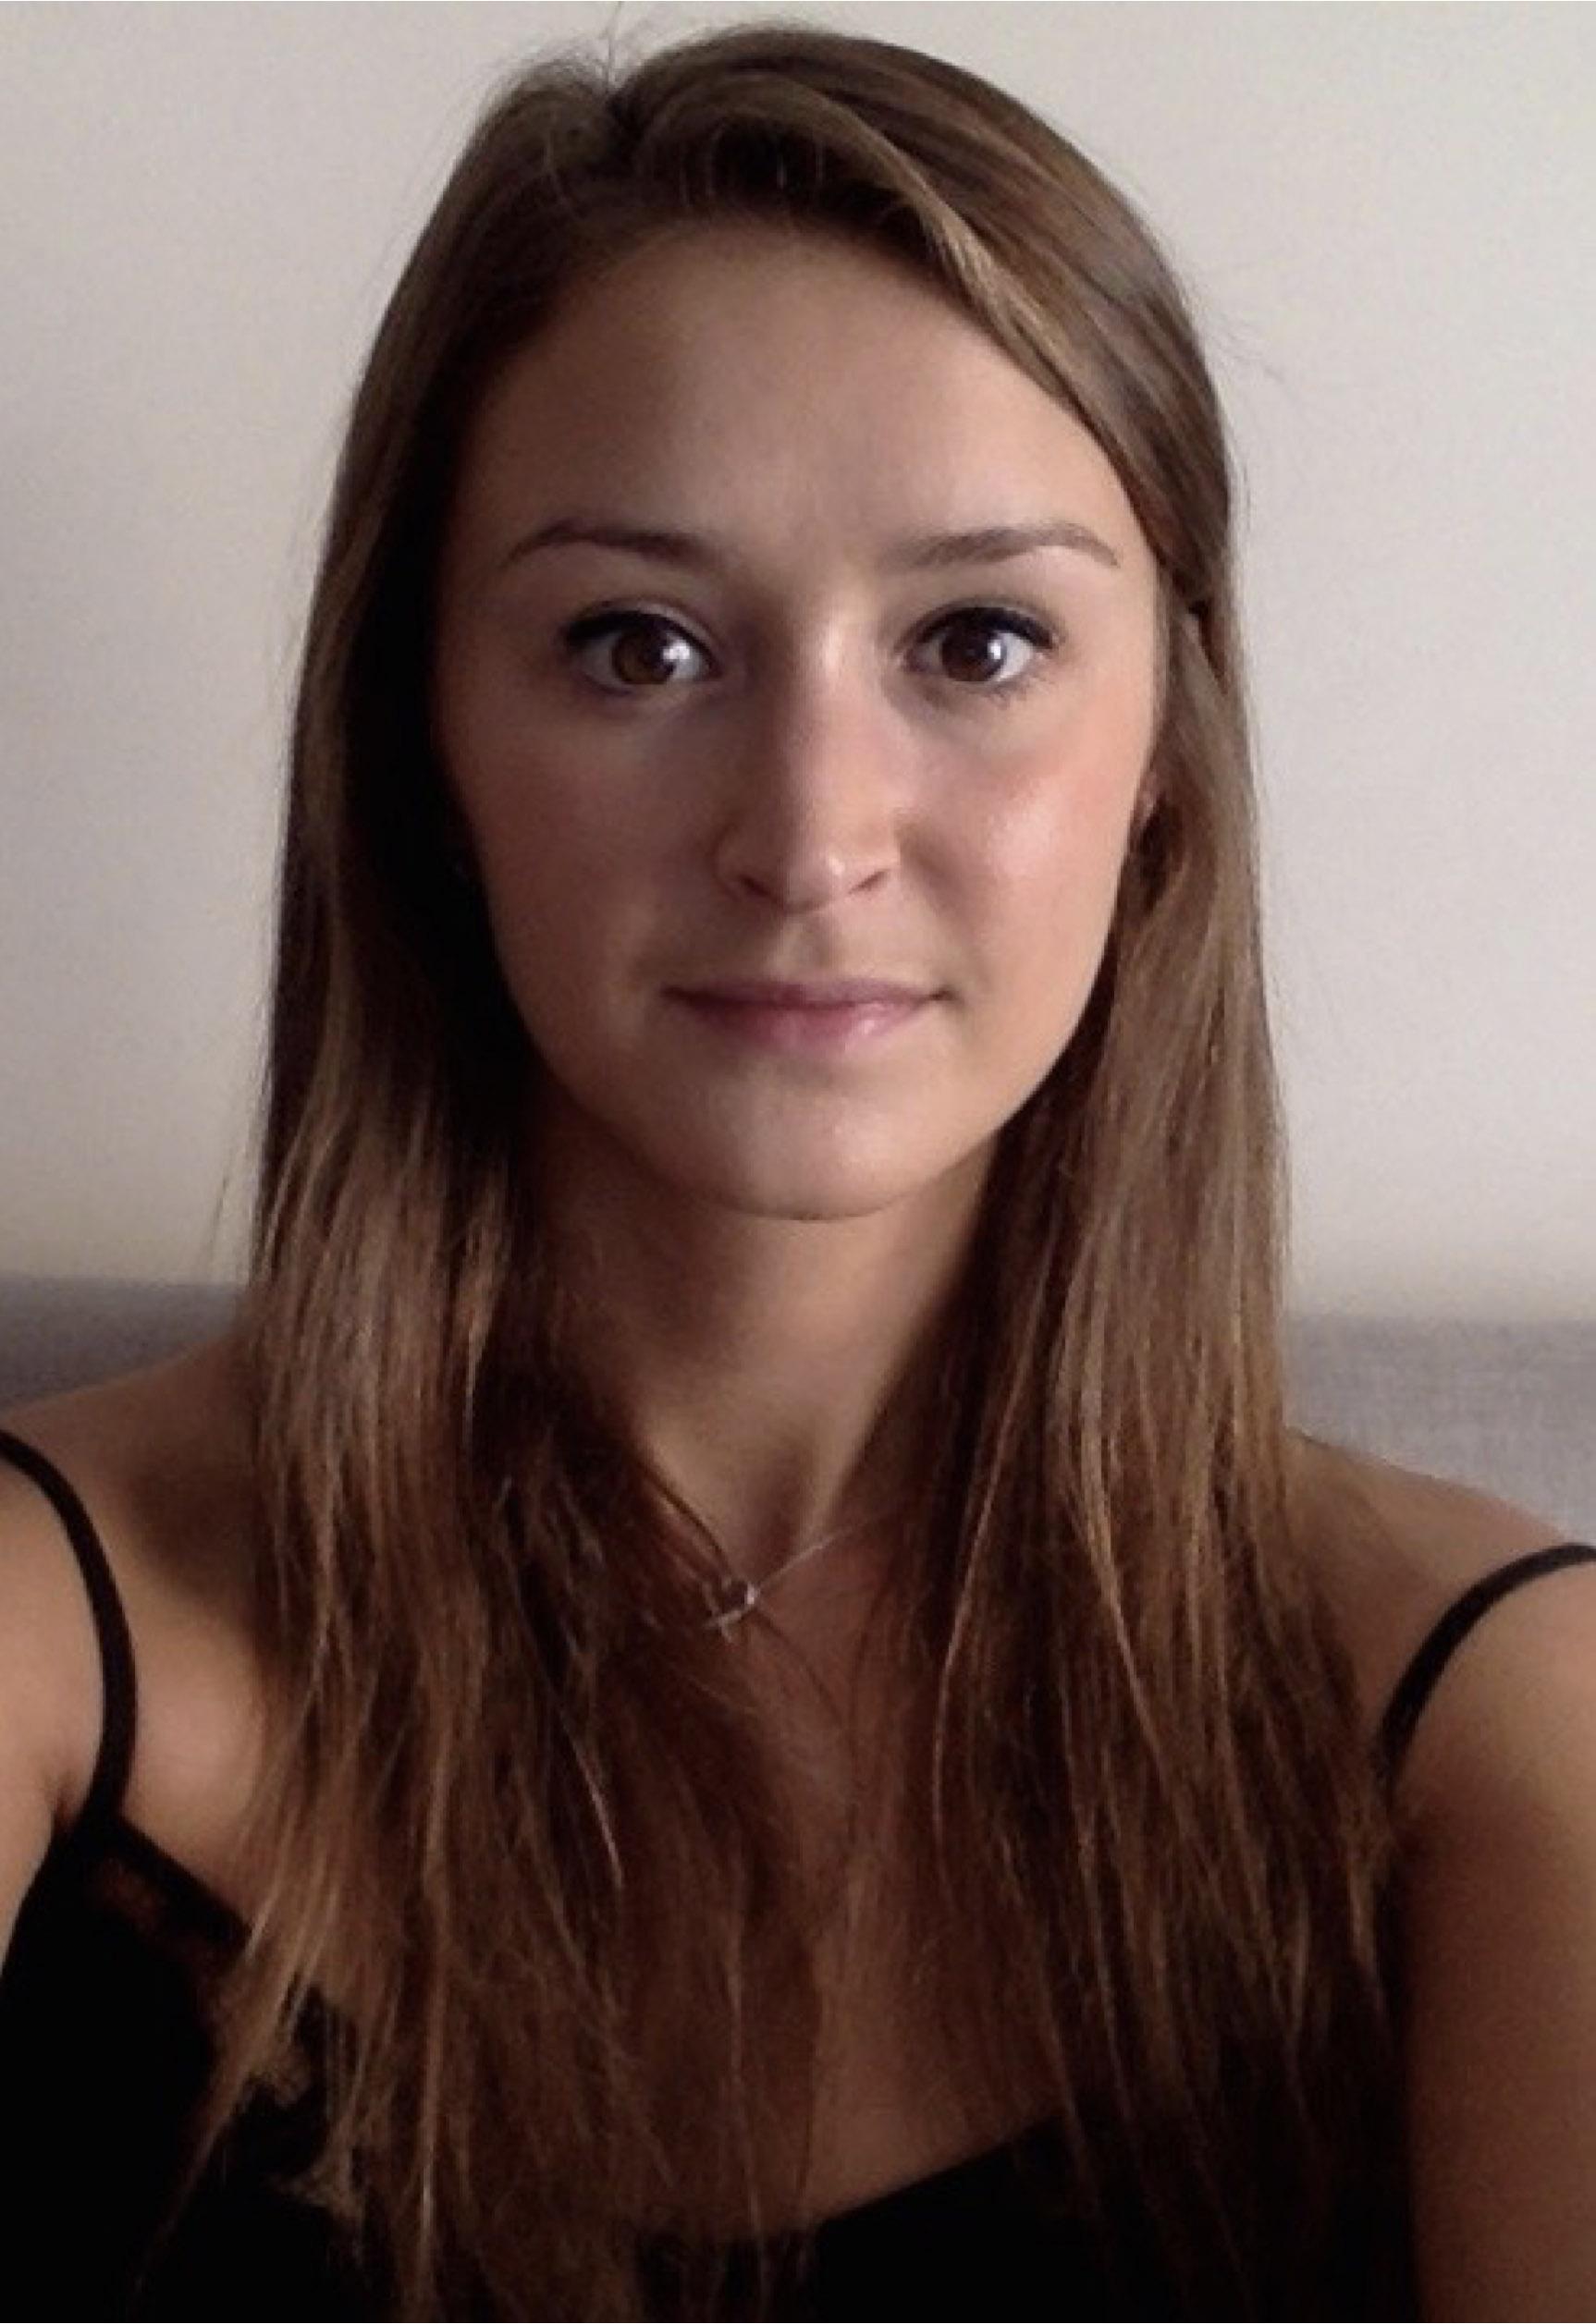 Charlotte Derbyshire